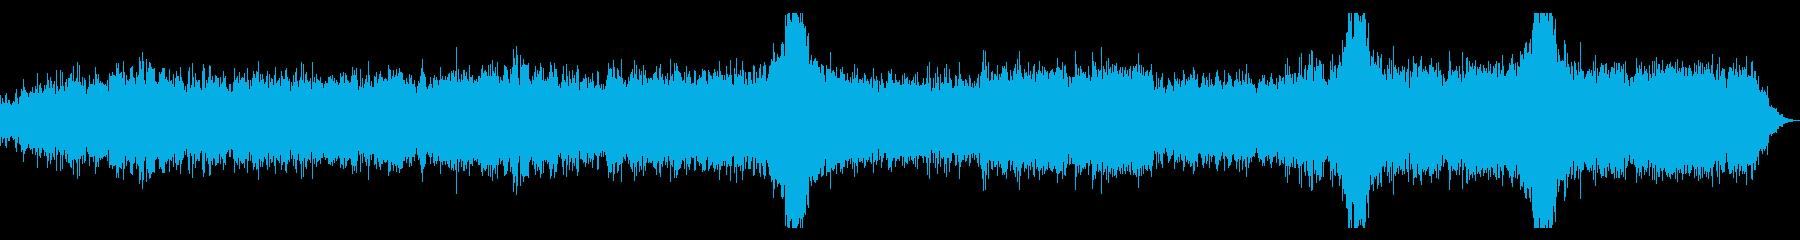 ゆったりと深海を潜水する様なアンビエントの再生済みの波形